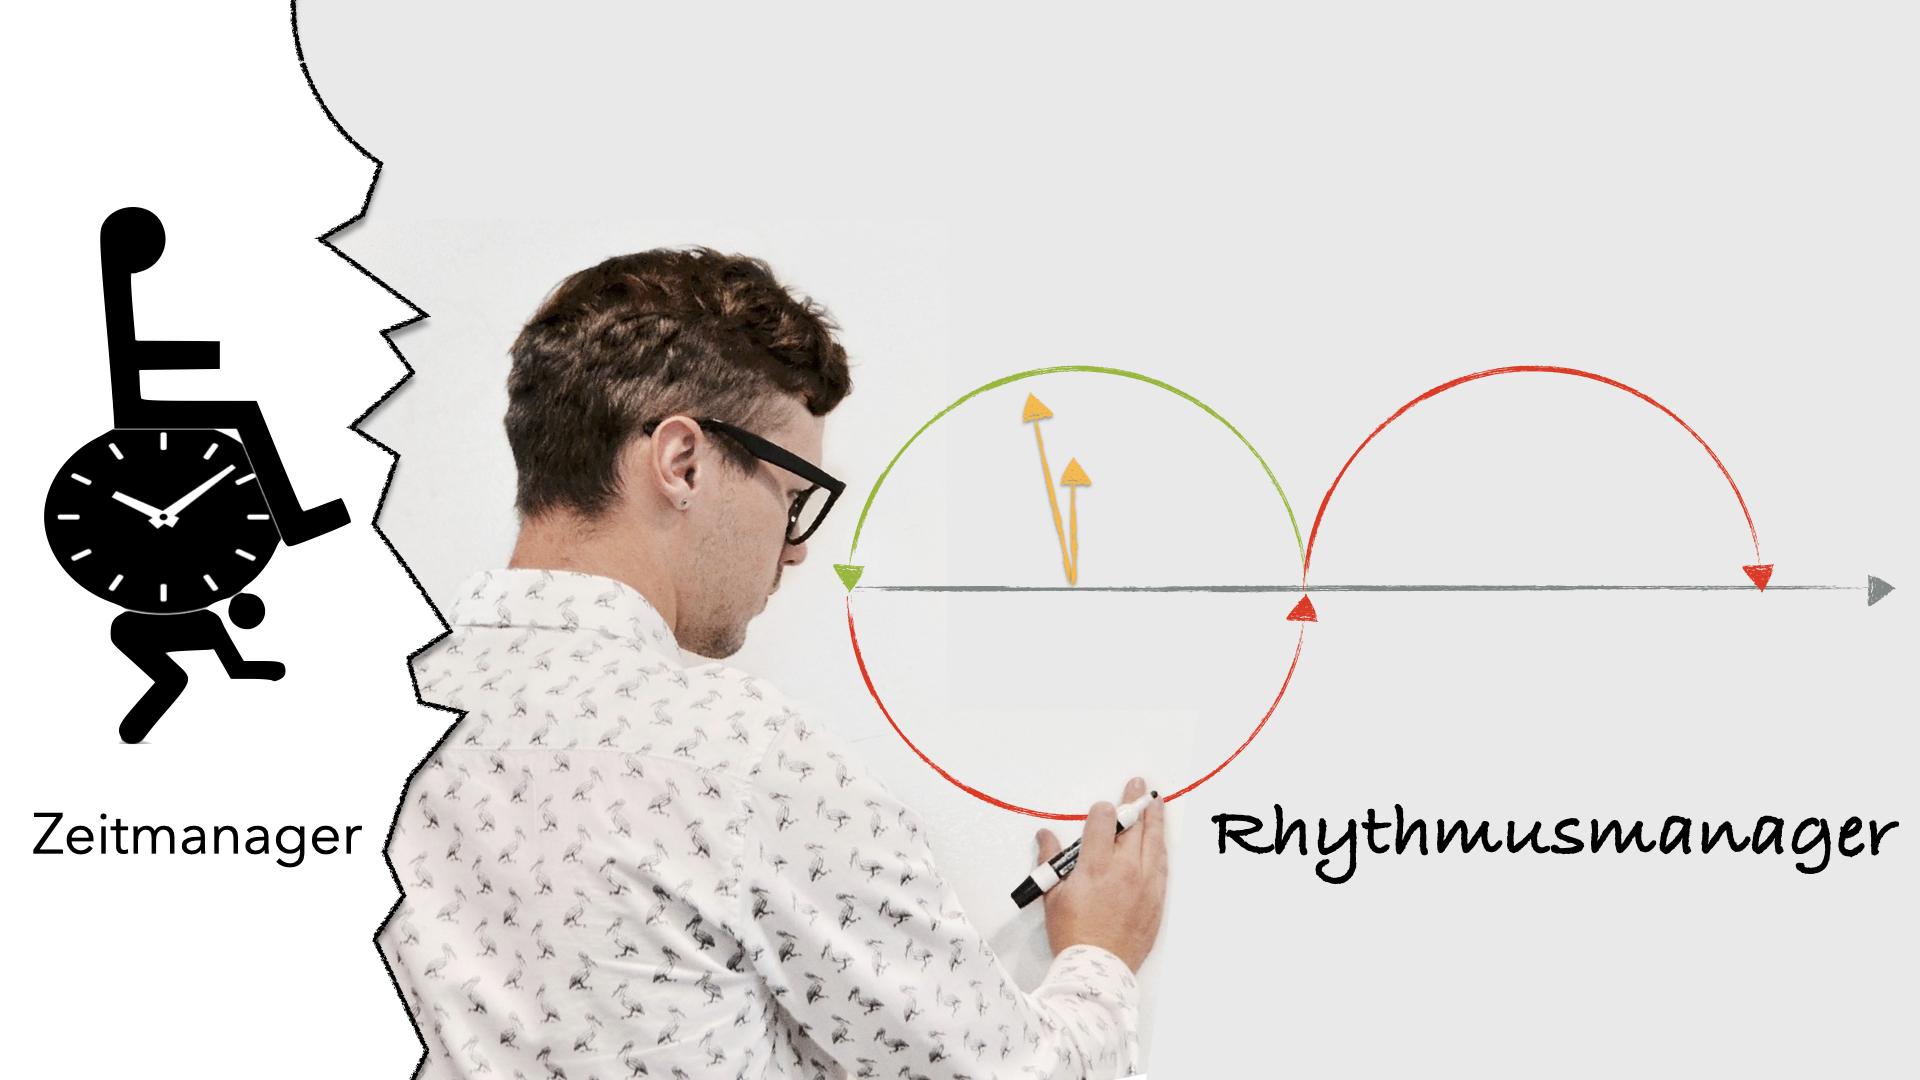 Vortrag: Rhythmusmanager - Der Zeitmanager von morgen?